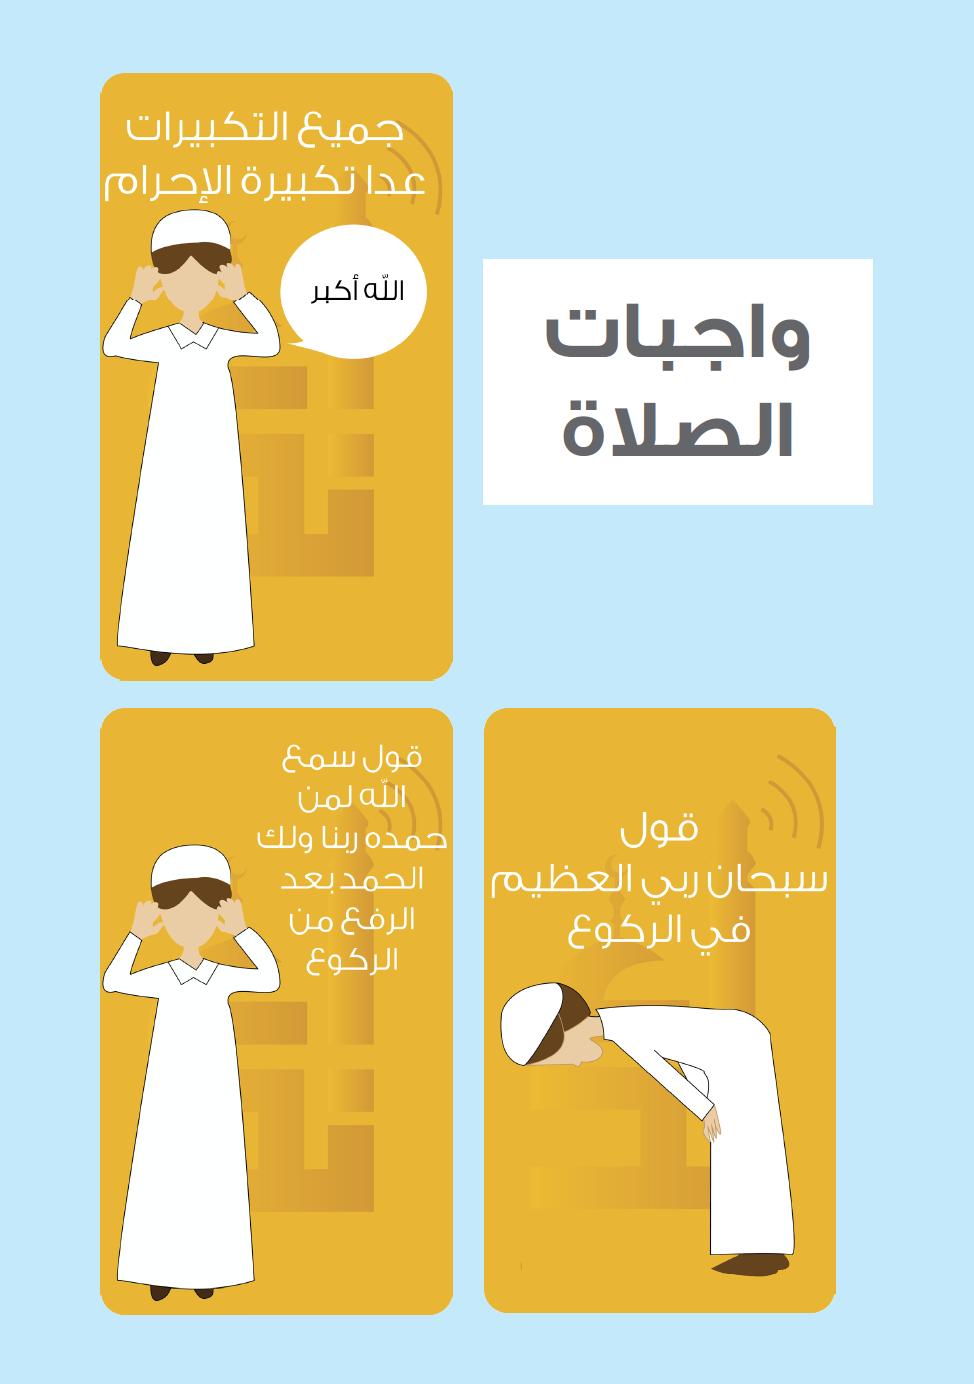 العاب تعليمية ومسابقات لتعليم الأطفال الصلاة والوضوء Arabic Kids App Layout Movie Posters